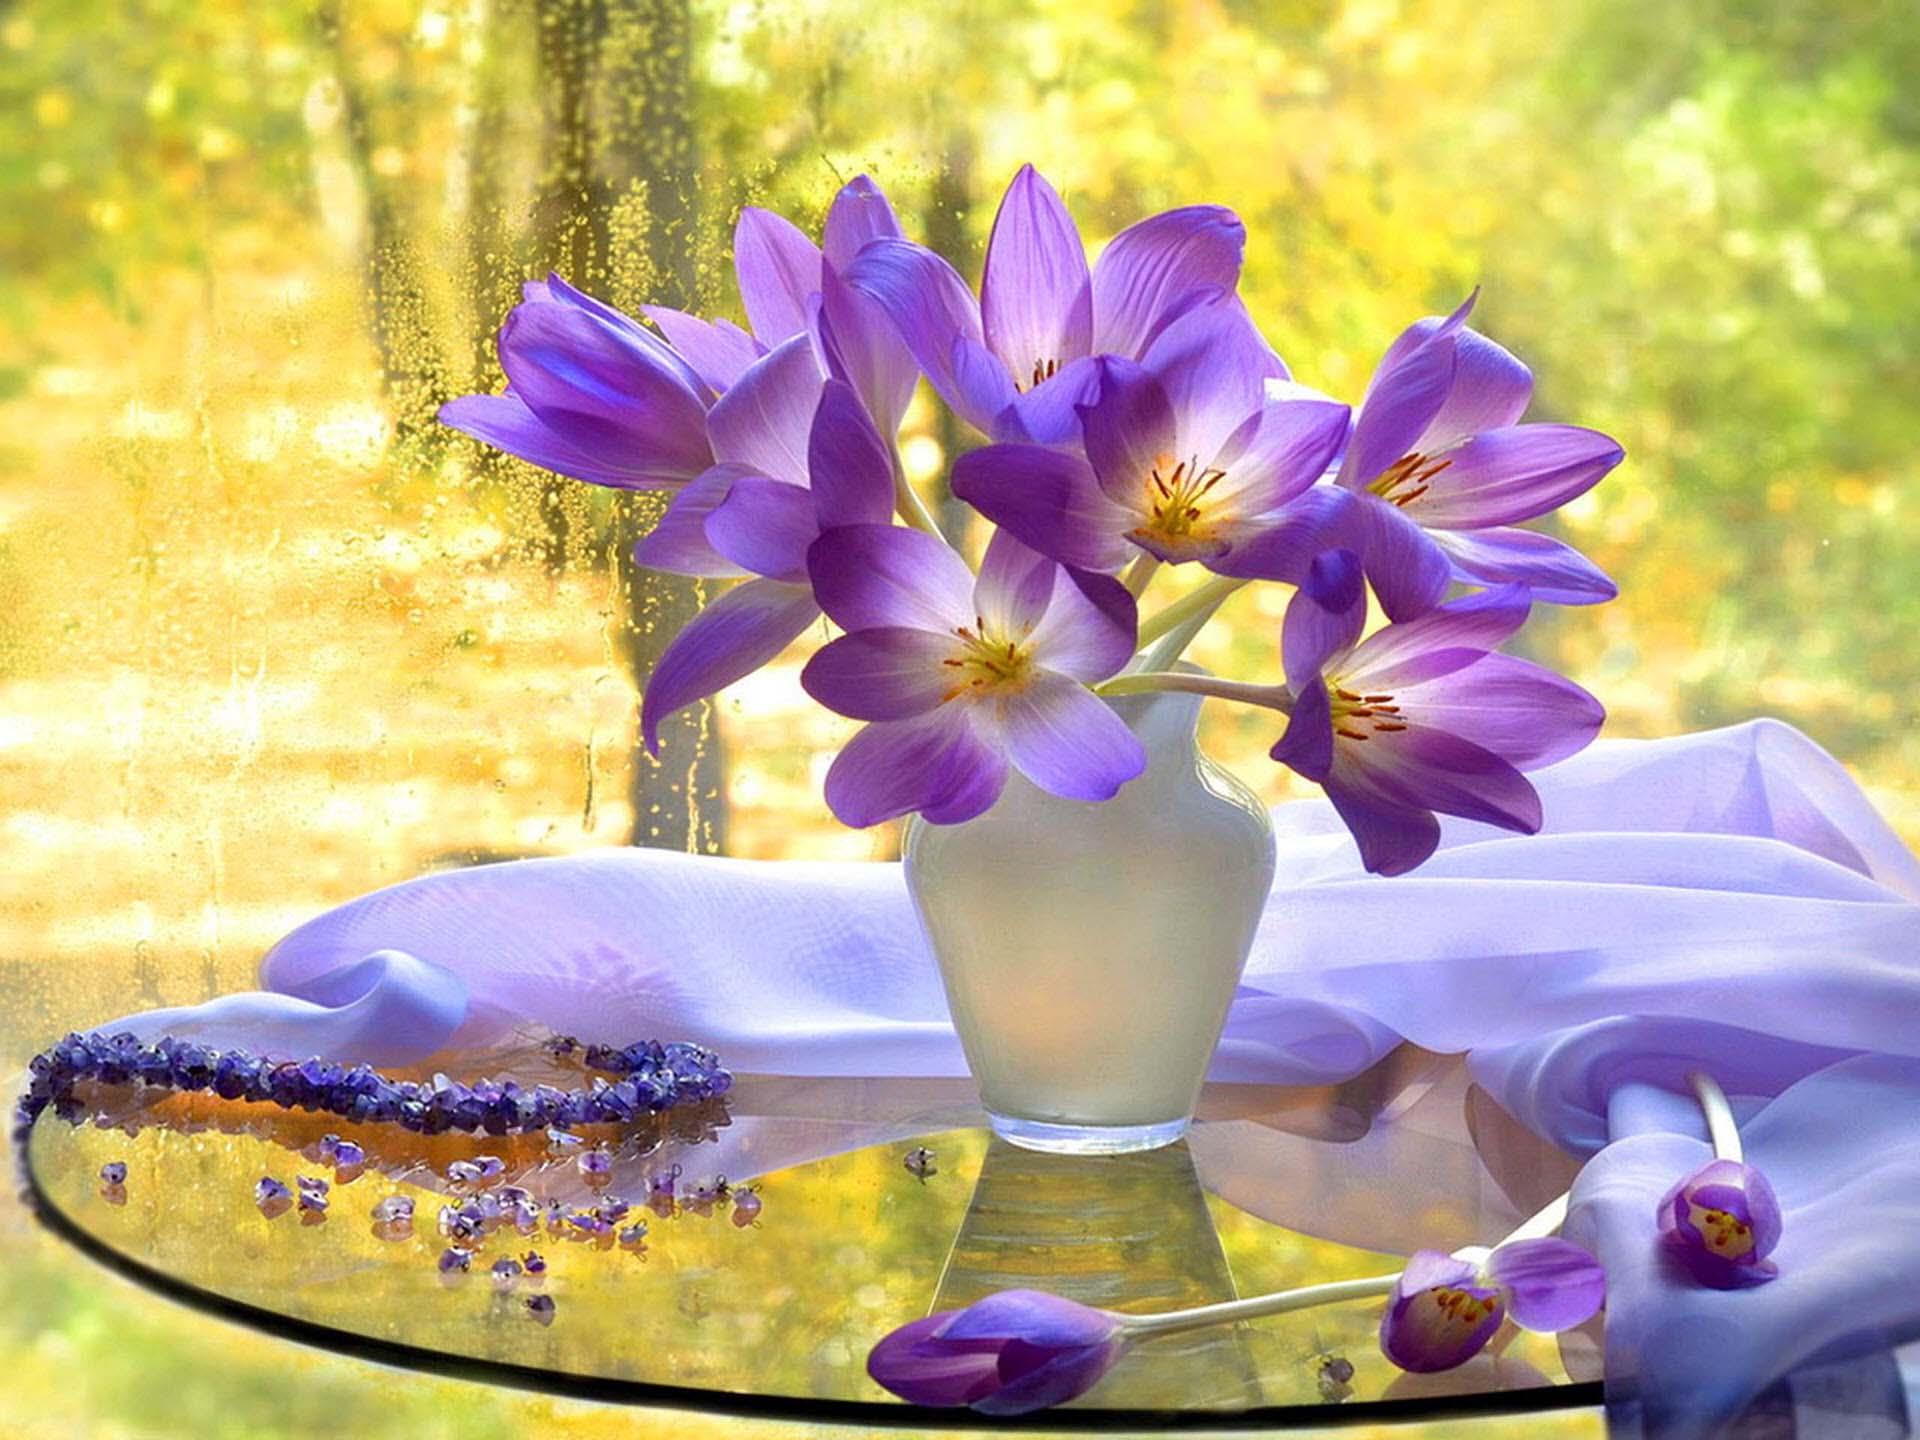 Hình nền lọ hoa đẹp